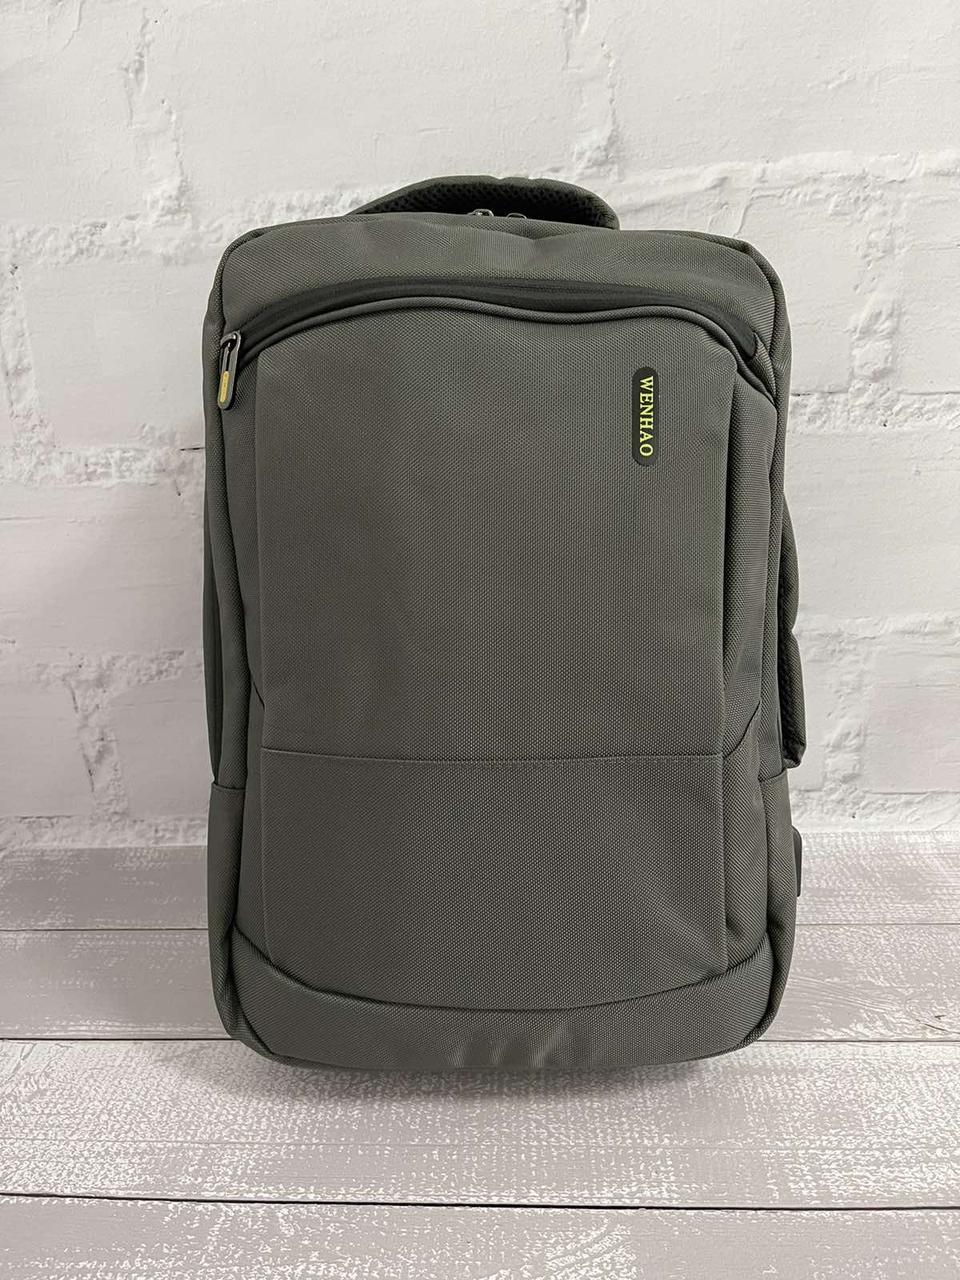 Міський стильний сірий рюкзак Wenhao 1097 з USB зарядкою для телефону та відділення під ноутбук